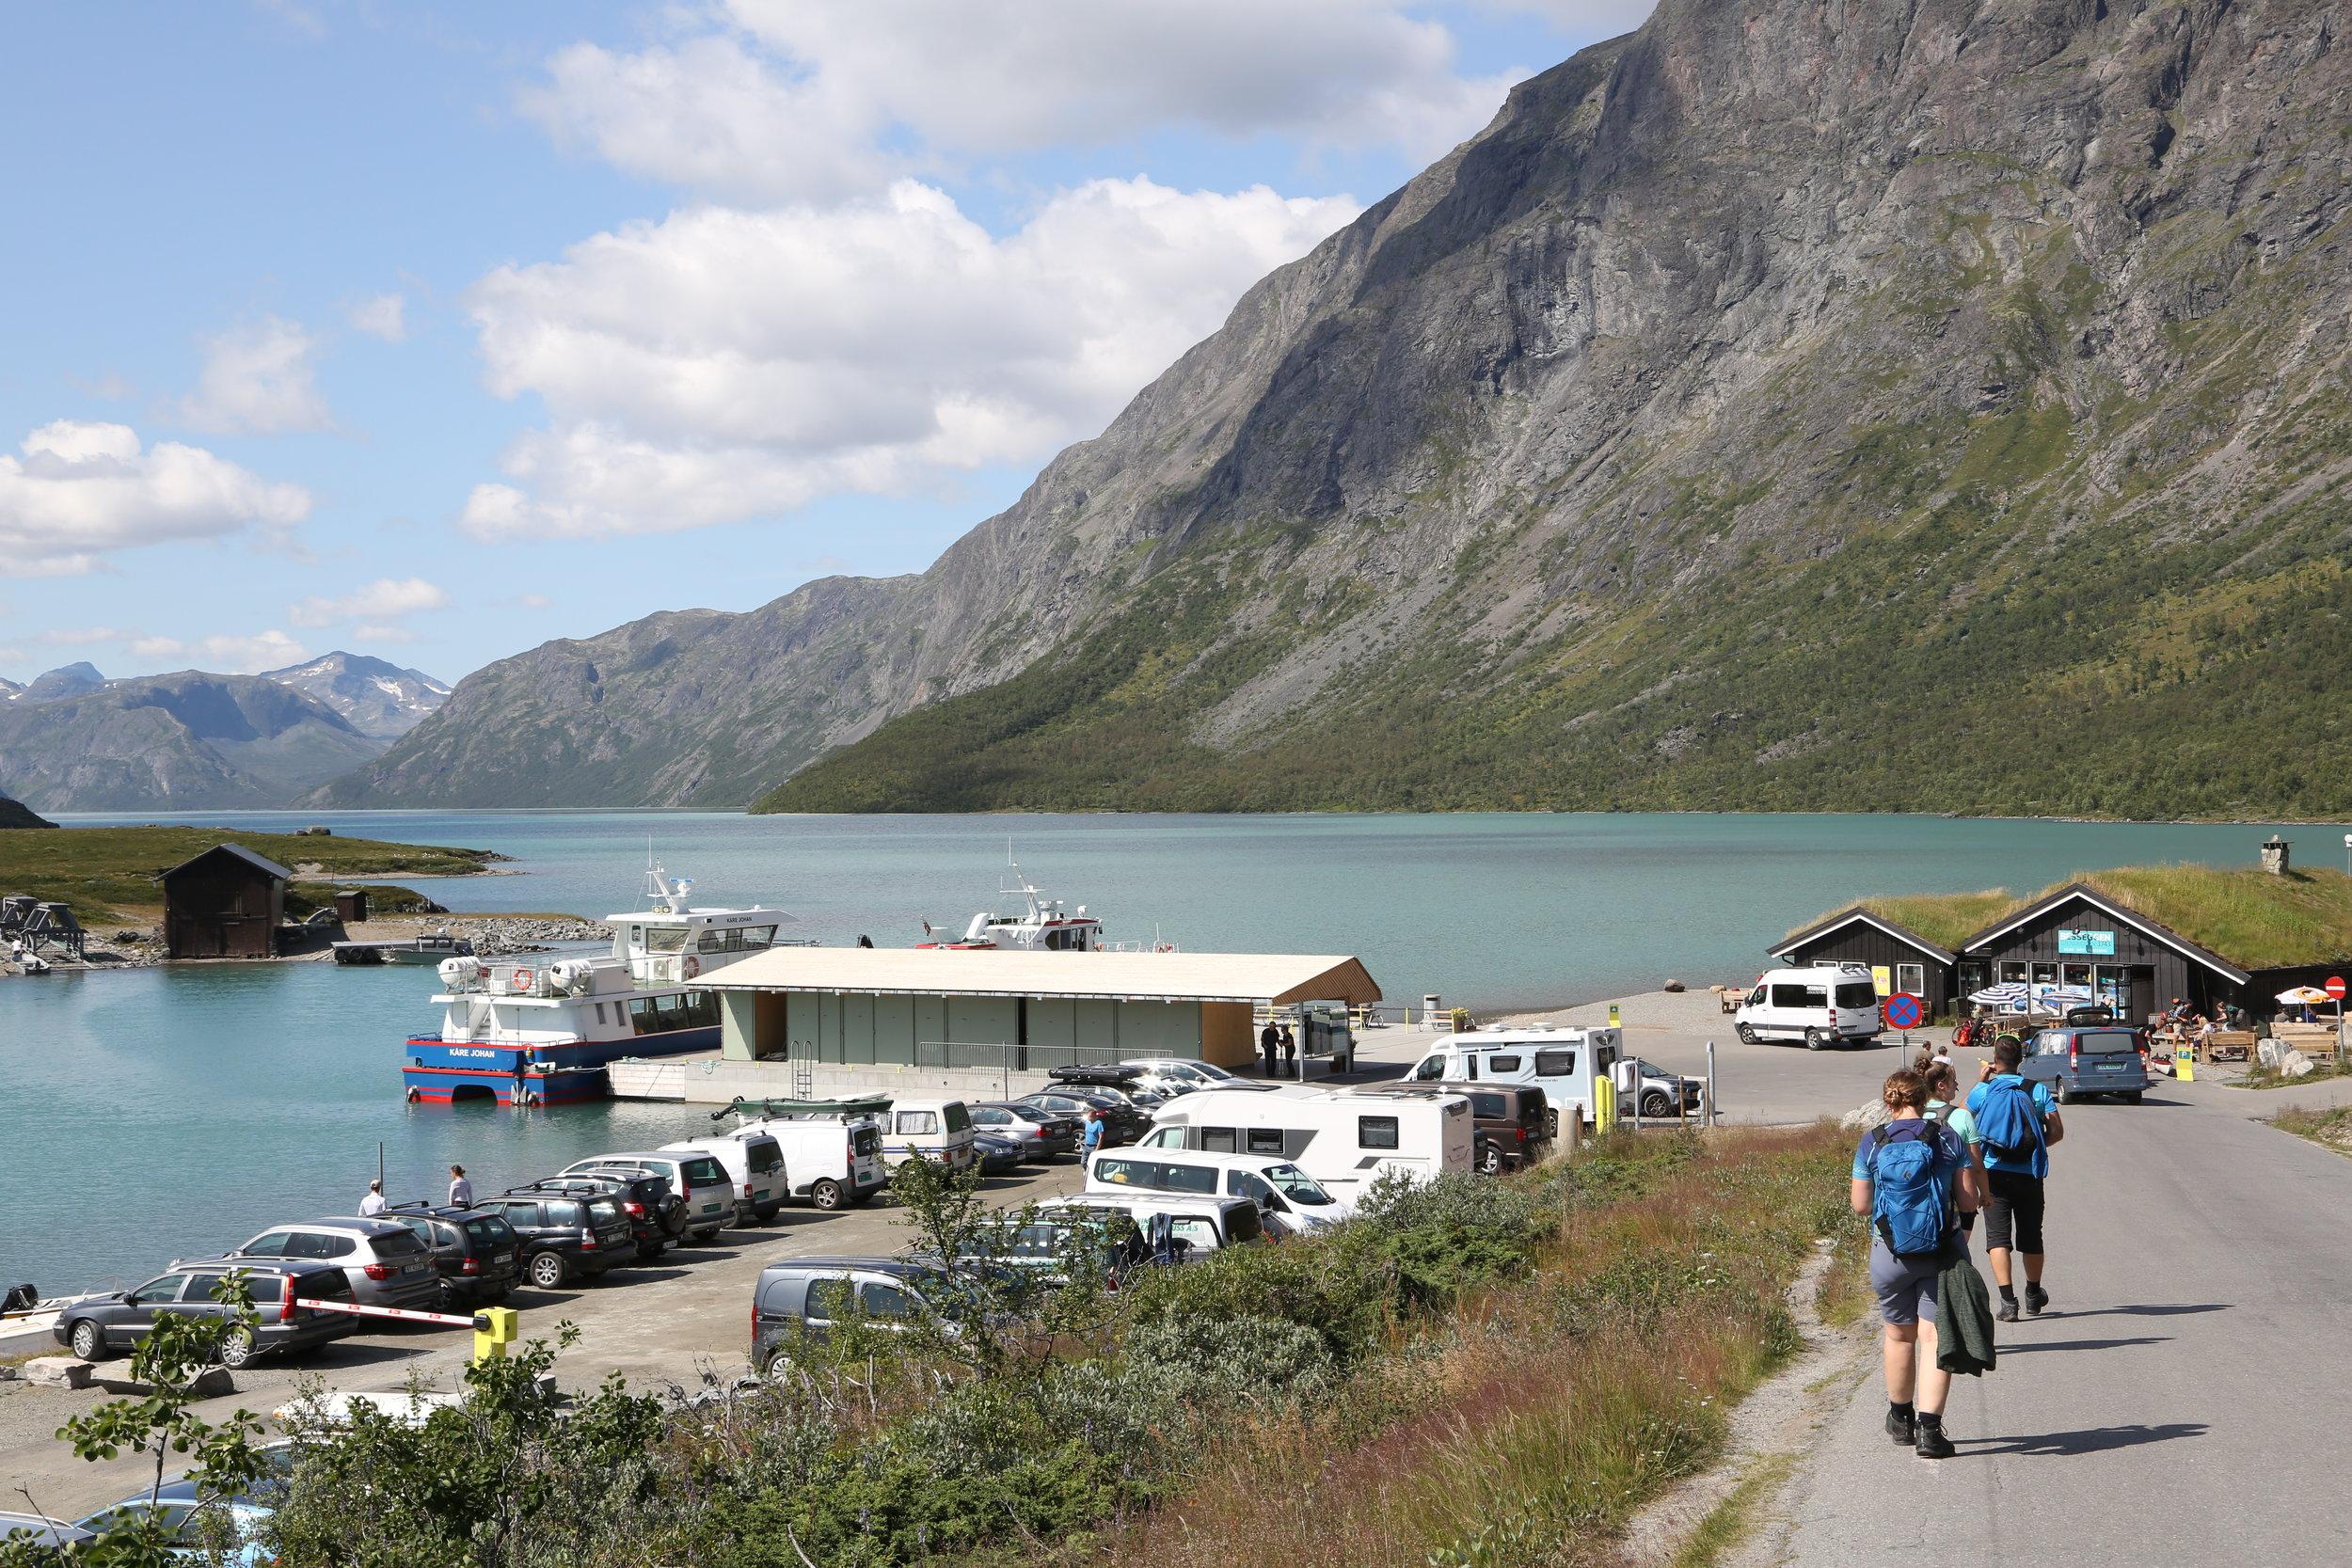 Båtene over Gjende frakter titusenvis av turister som vil gå Besseggen. Foto: Odd Roar Lange